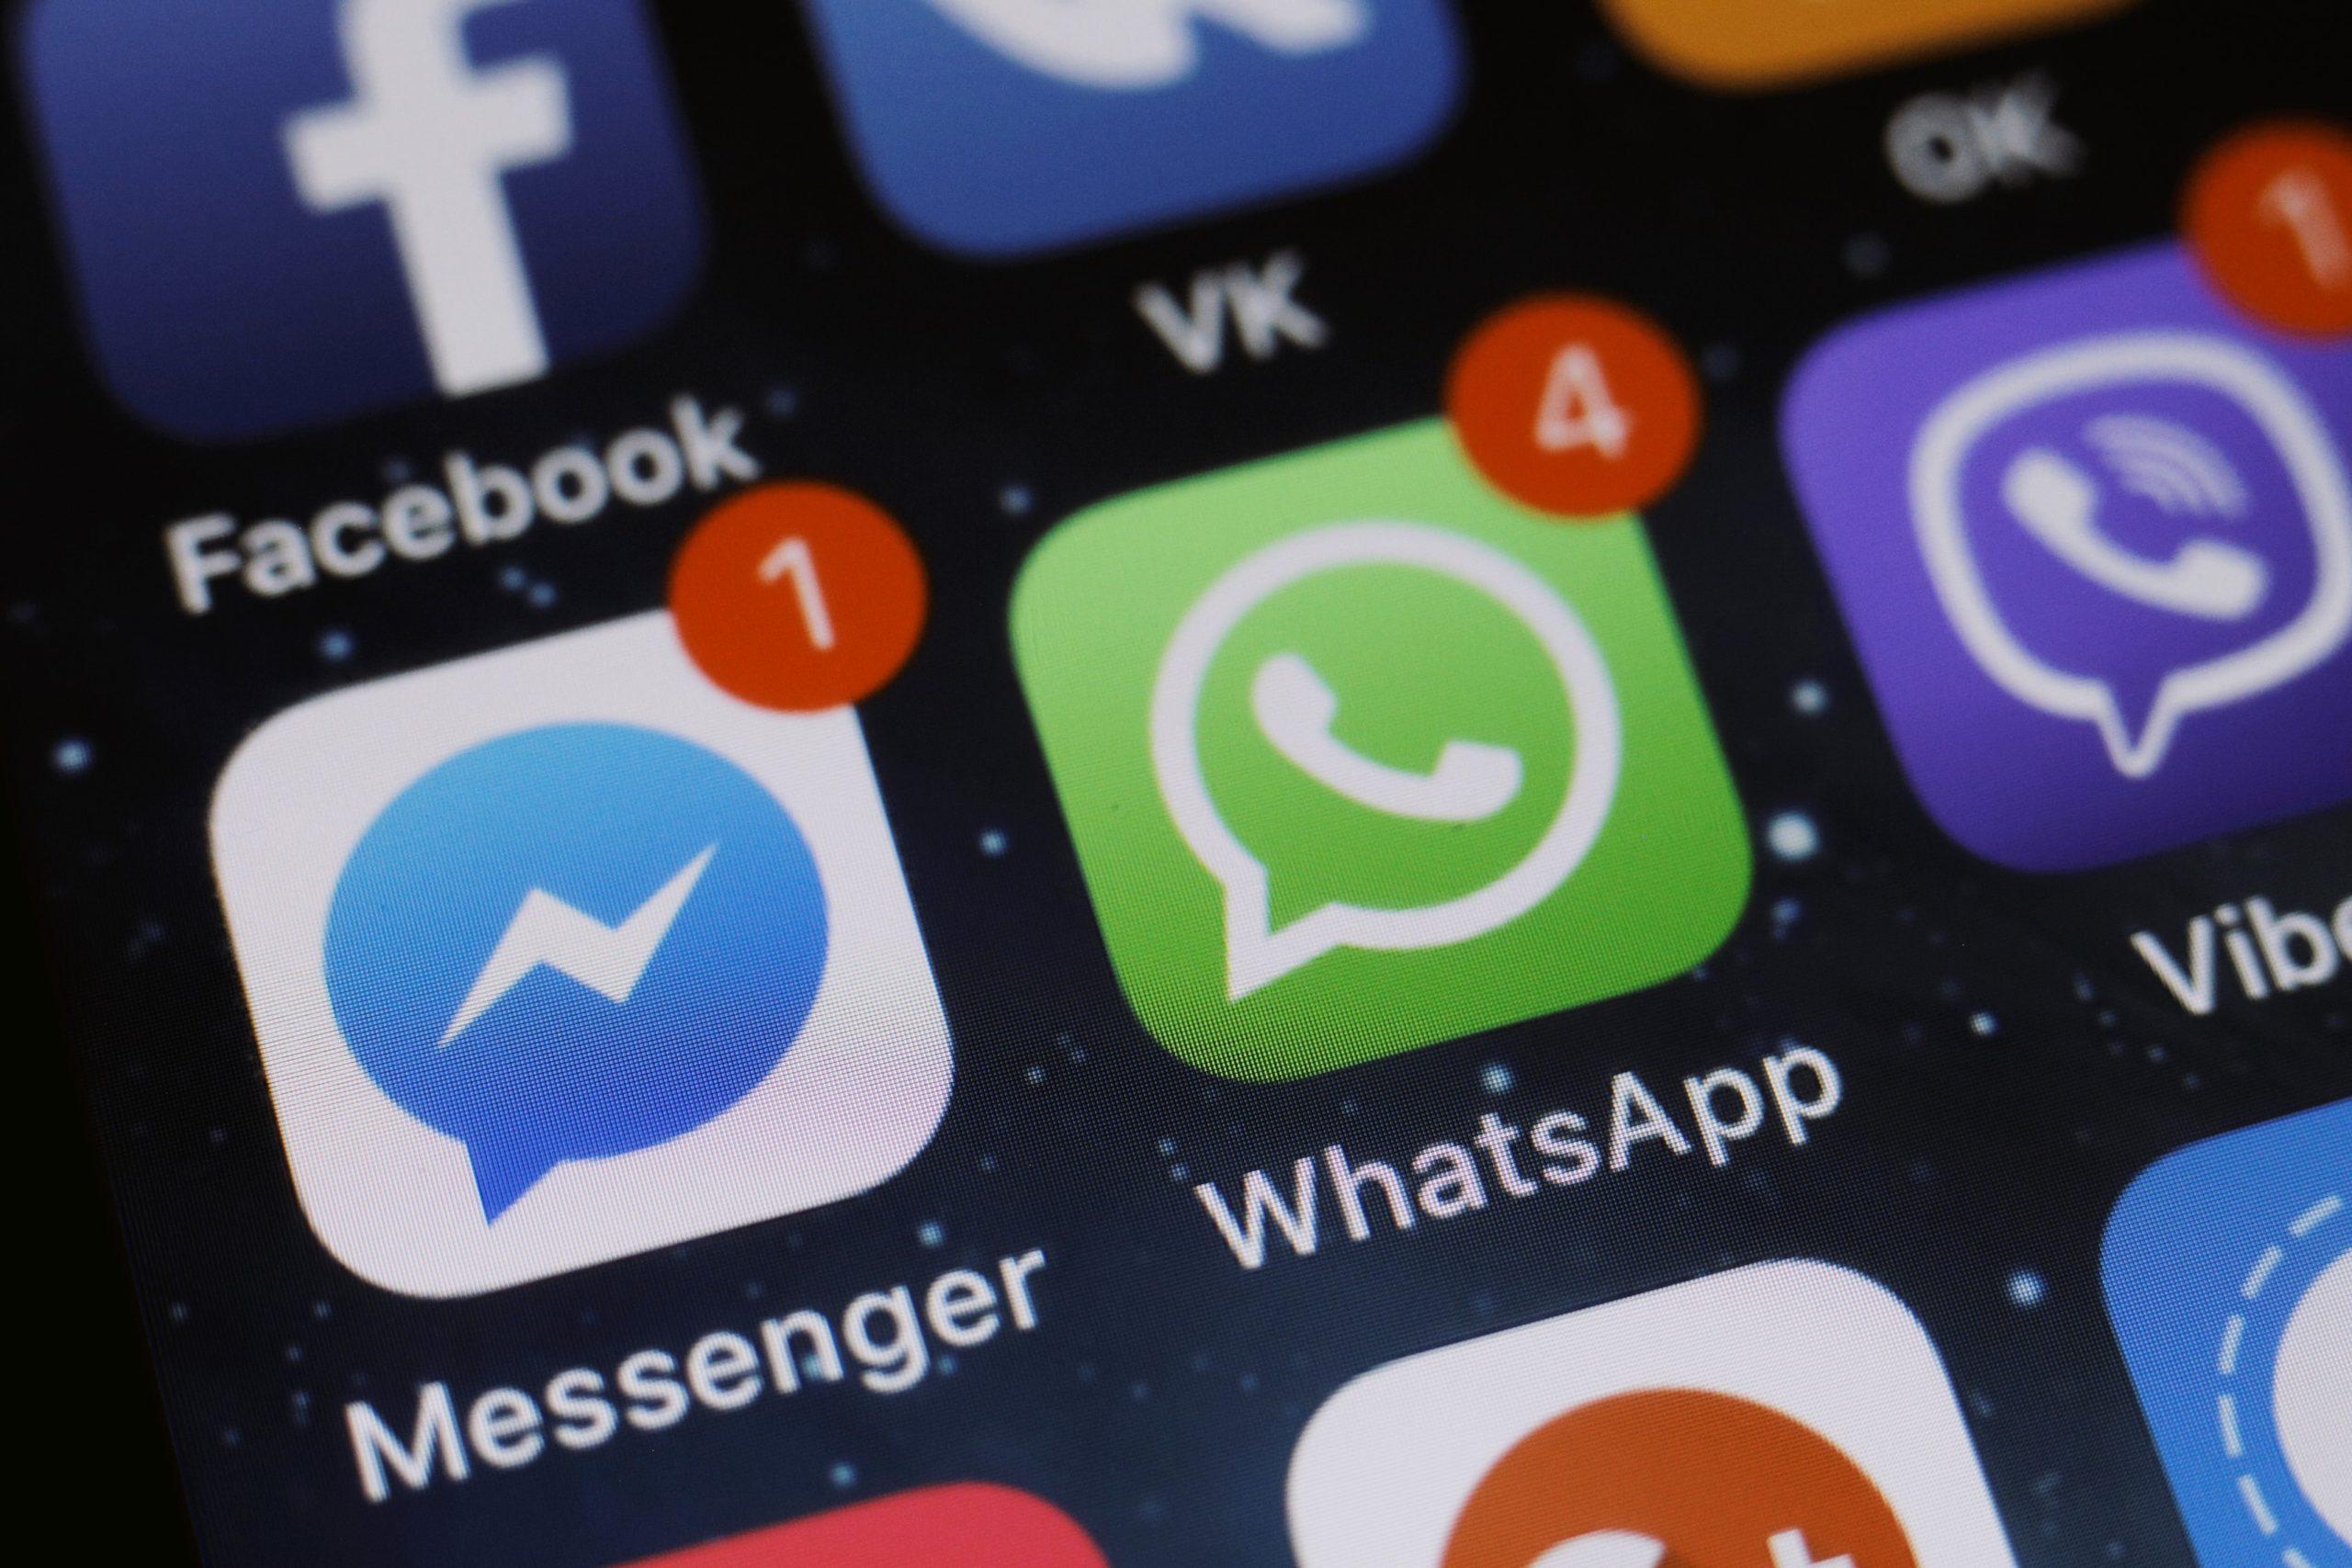 Ícones do Messenger, WhatsApp, Facebook e Viber no iPhone